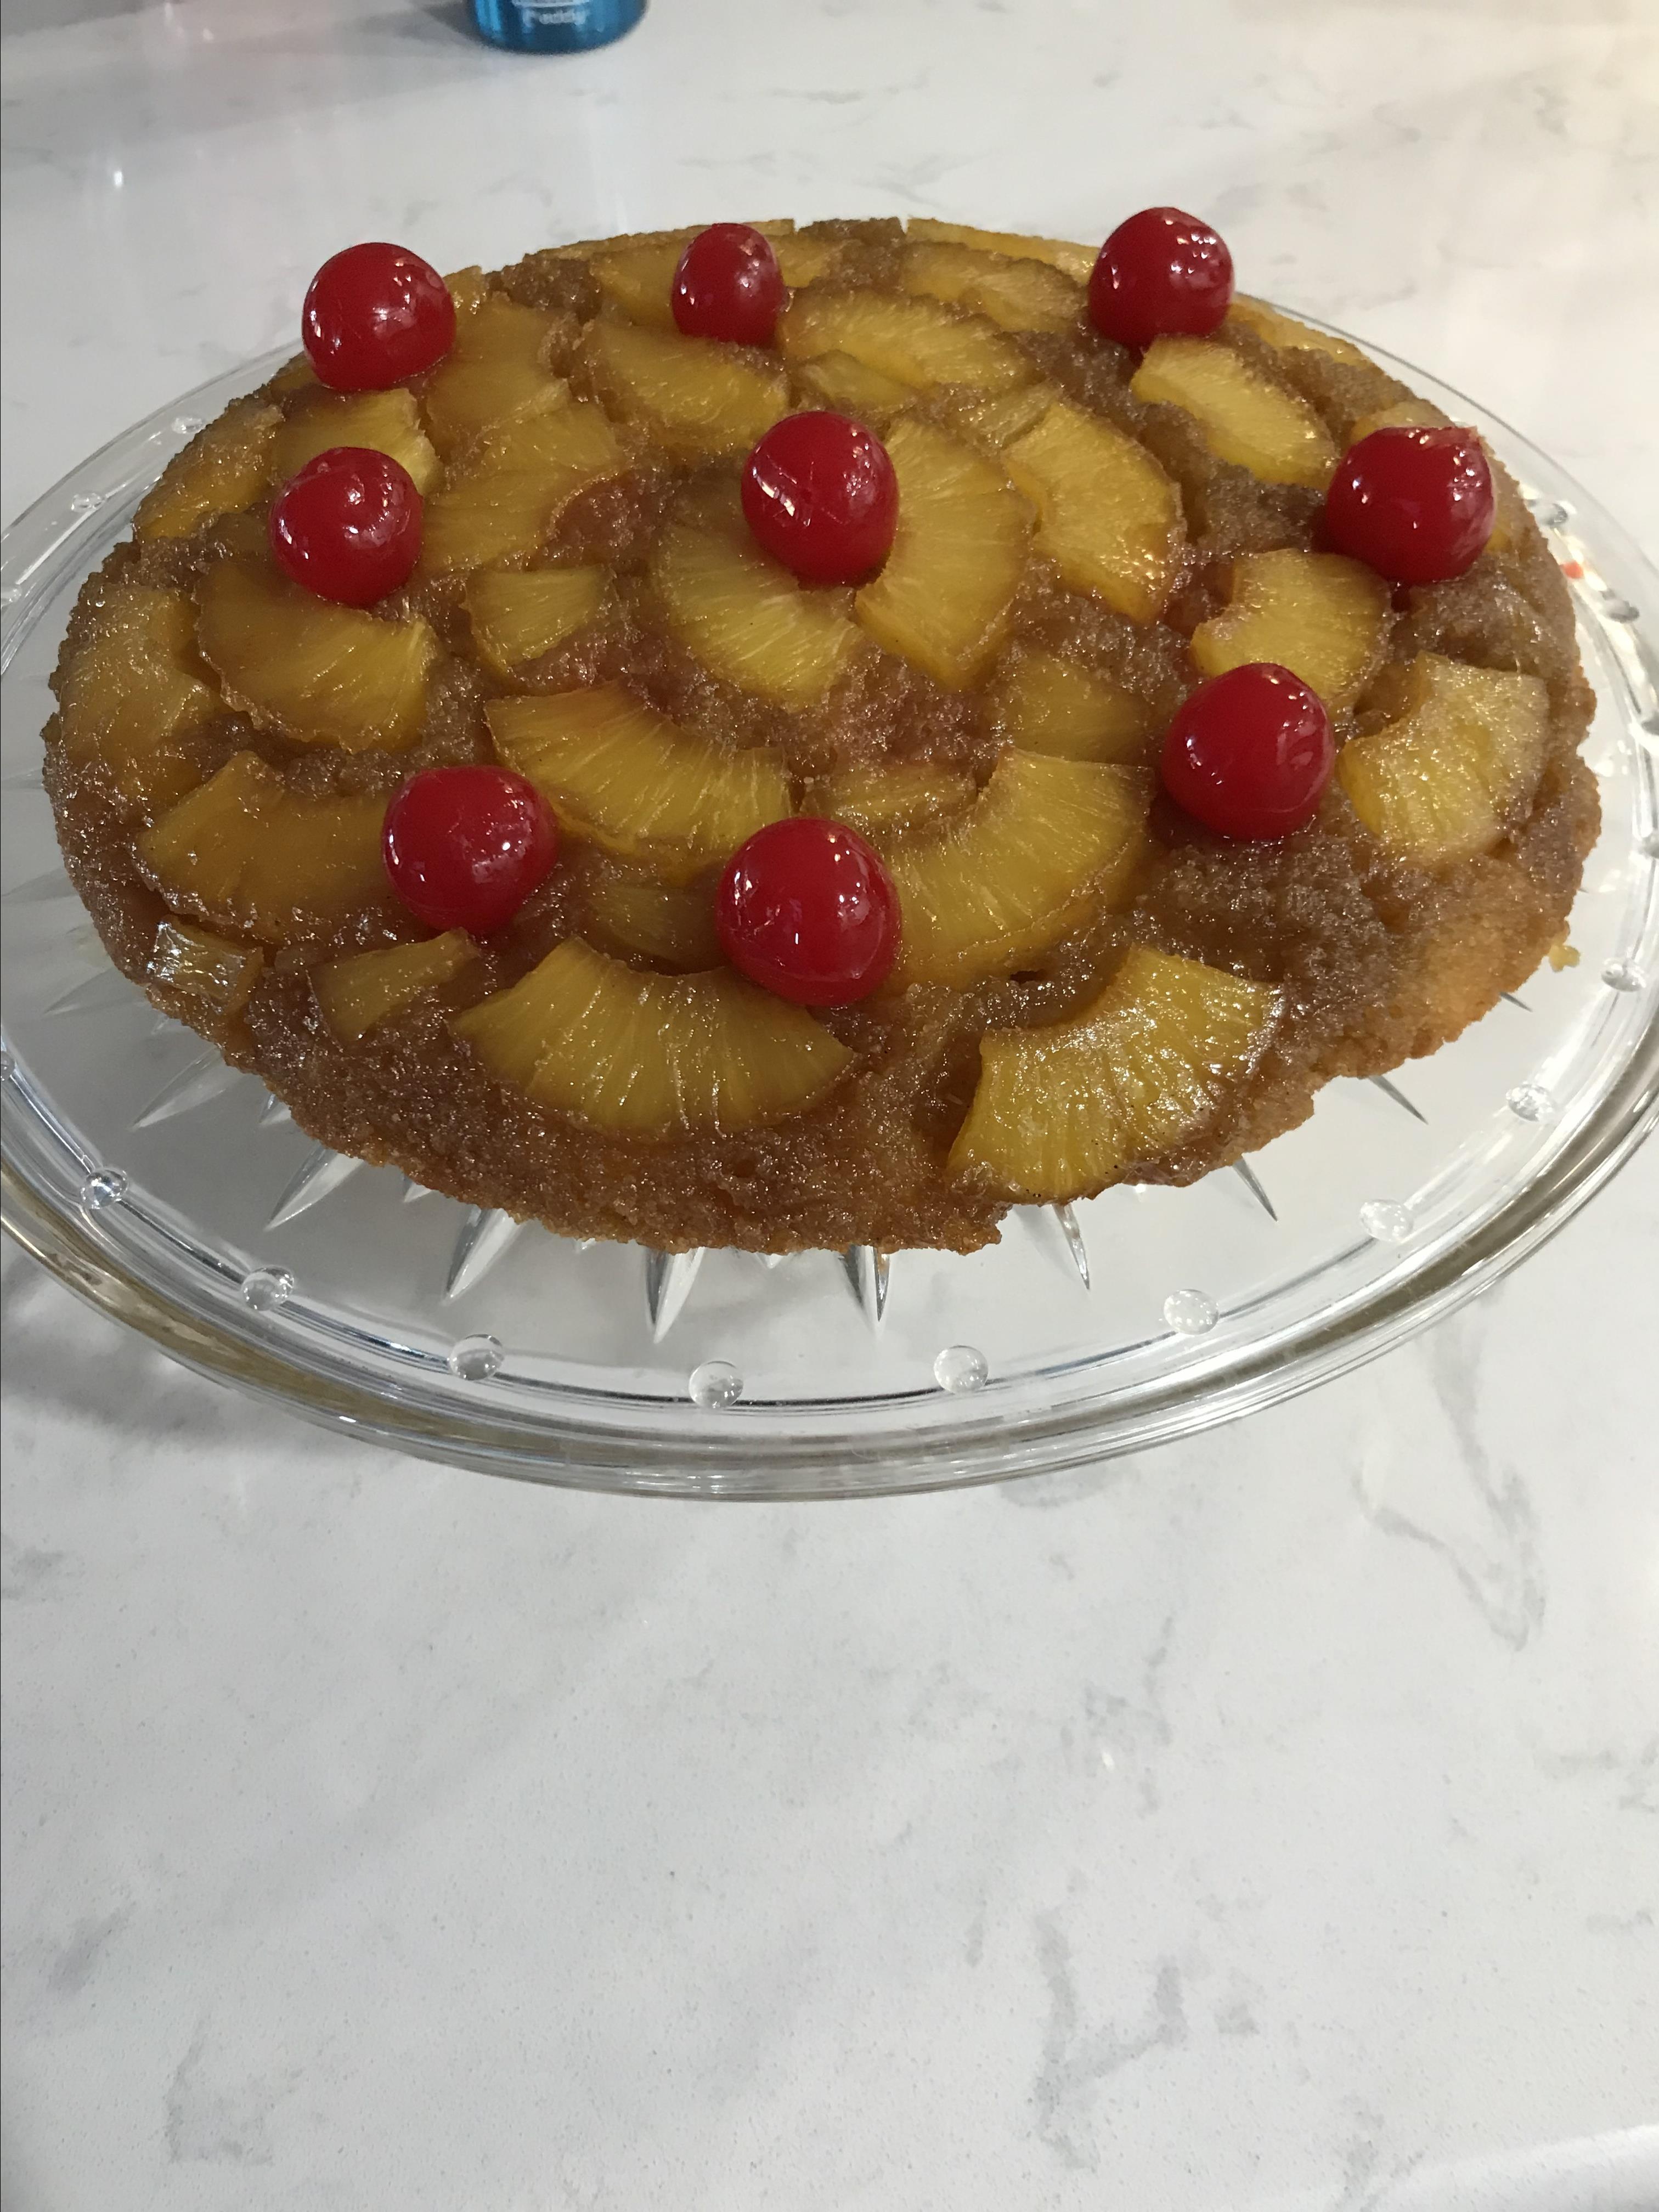 Pineapple Upside-Down Cake (Gluten Free) corbettcook